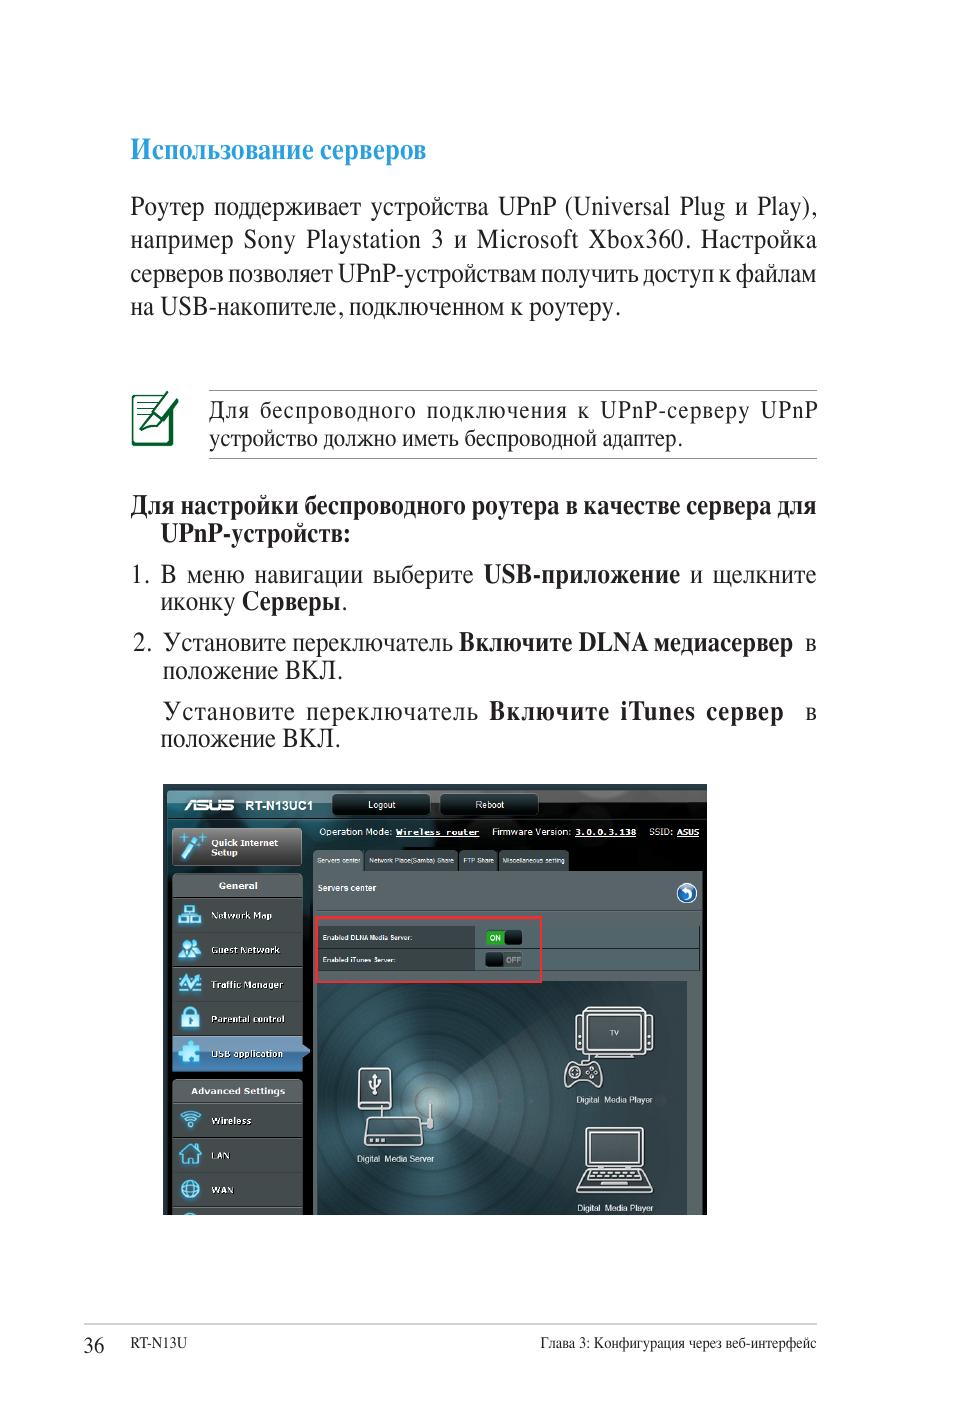 Использование серверов Инструкция по эксплуатации Asus RT-N14U Страница 36 / 74